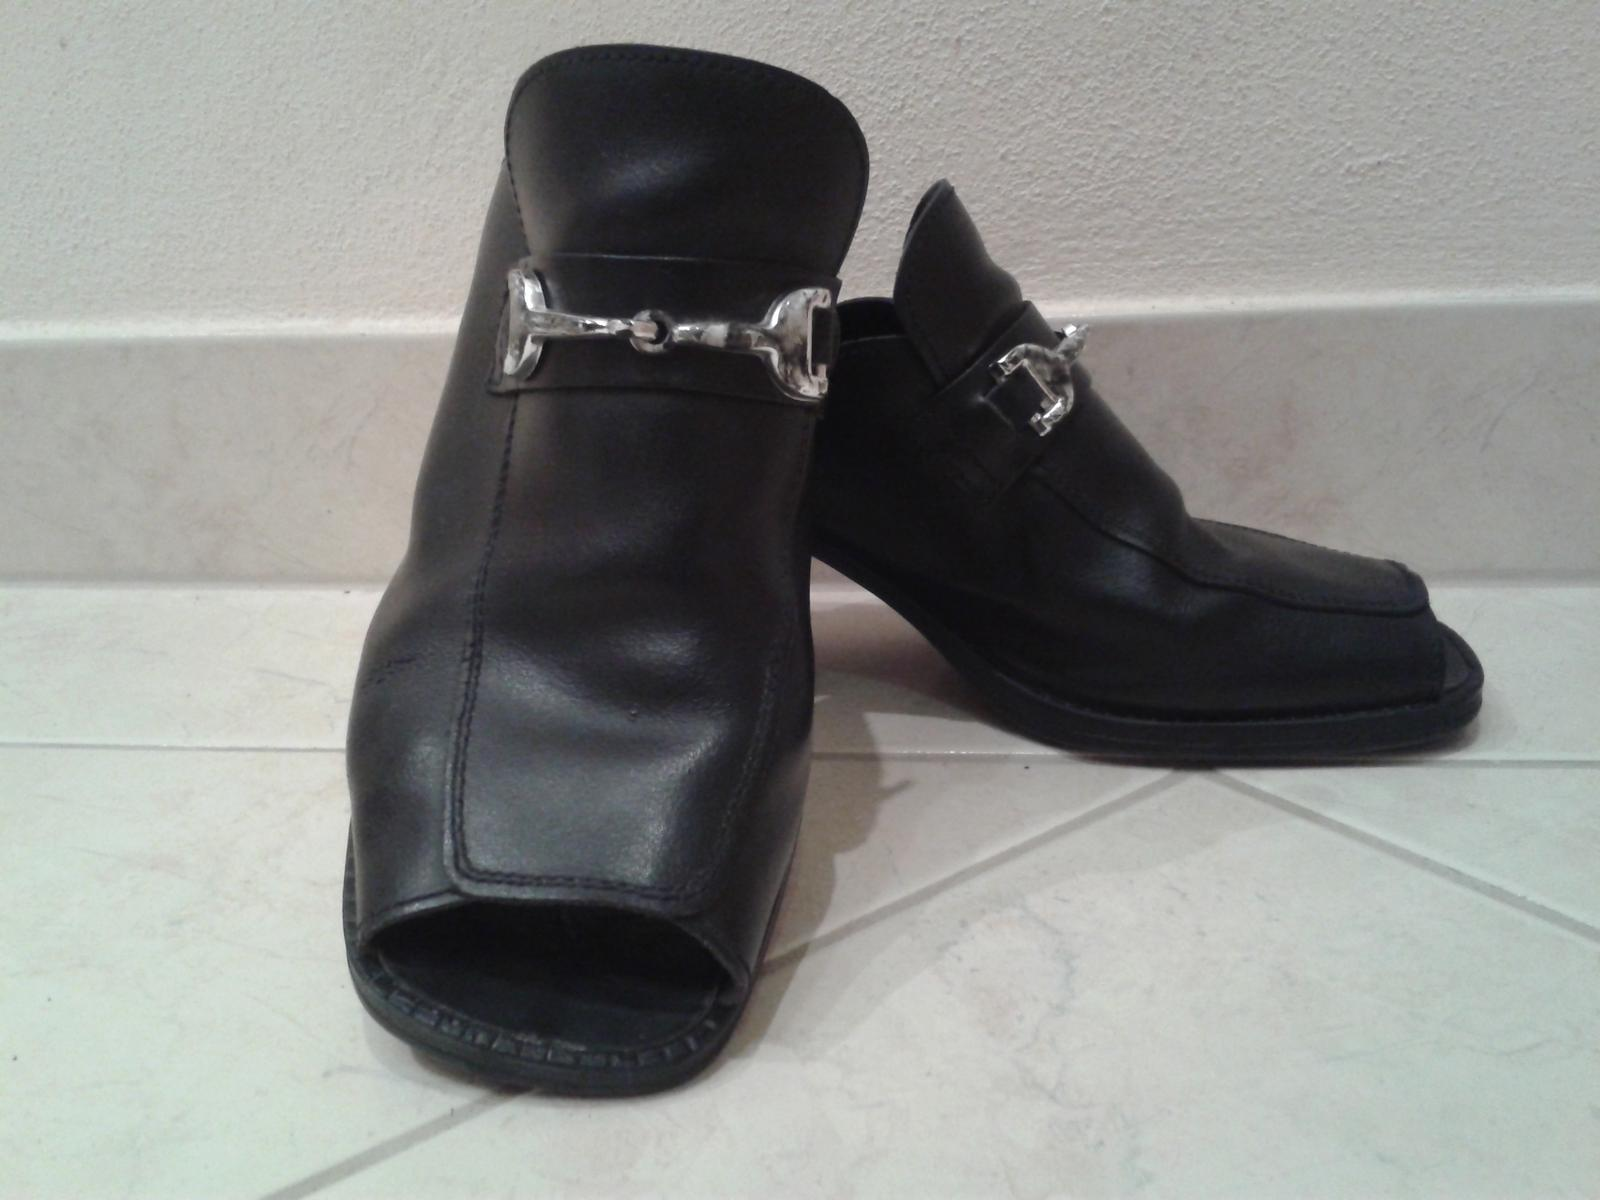 f5c38c94bd Čierne topánky s otvorenou špičkou pätou